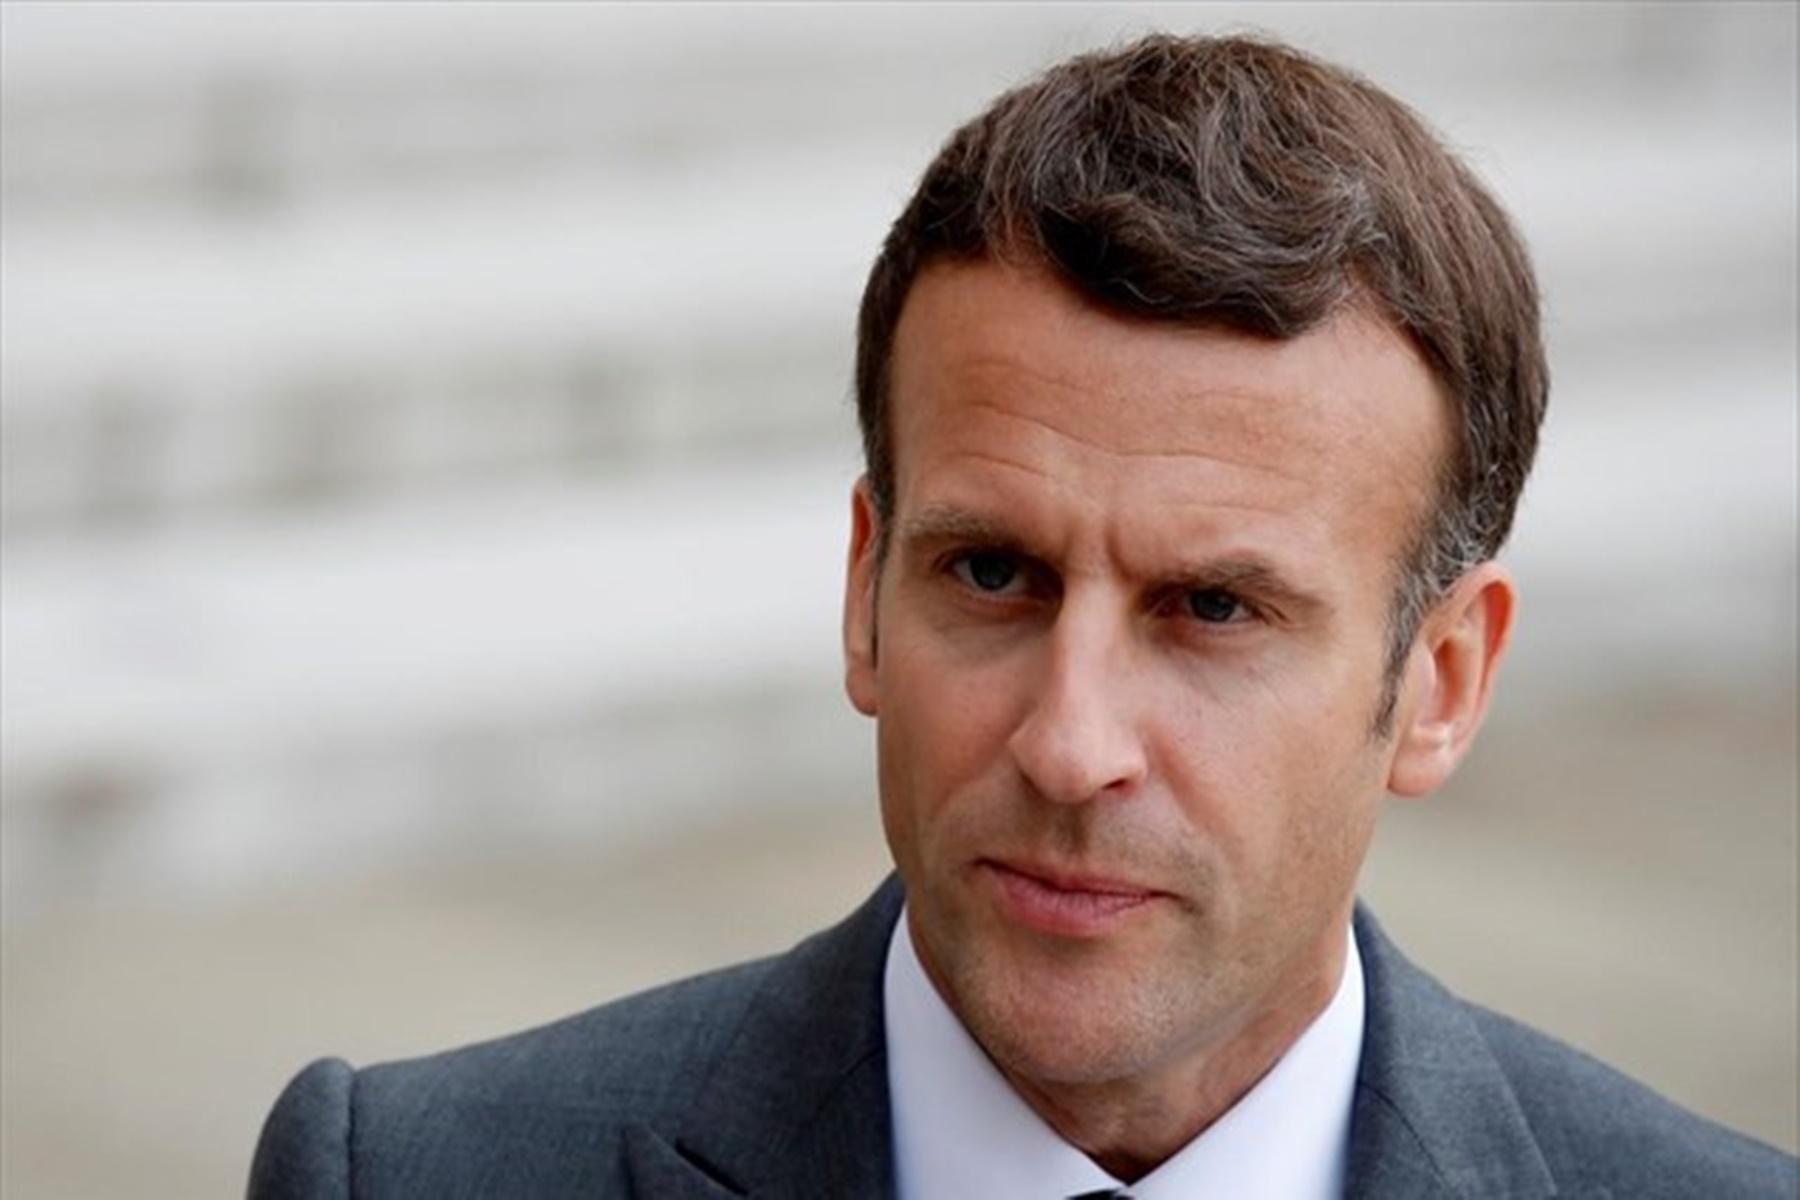 Γαλλία : O Μακρόν ζητά να σταματήσουν οι διαδηλώσεις κατά των εμβολίων